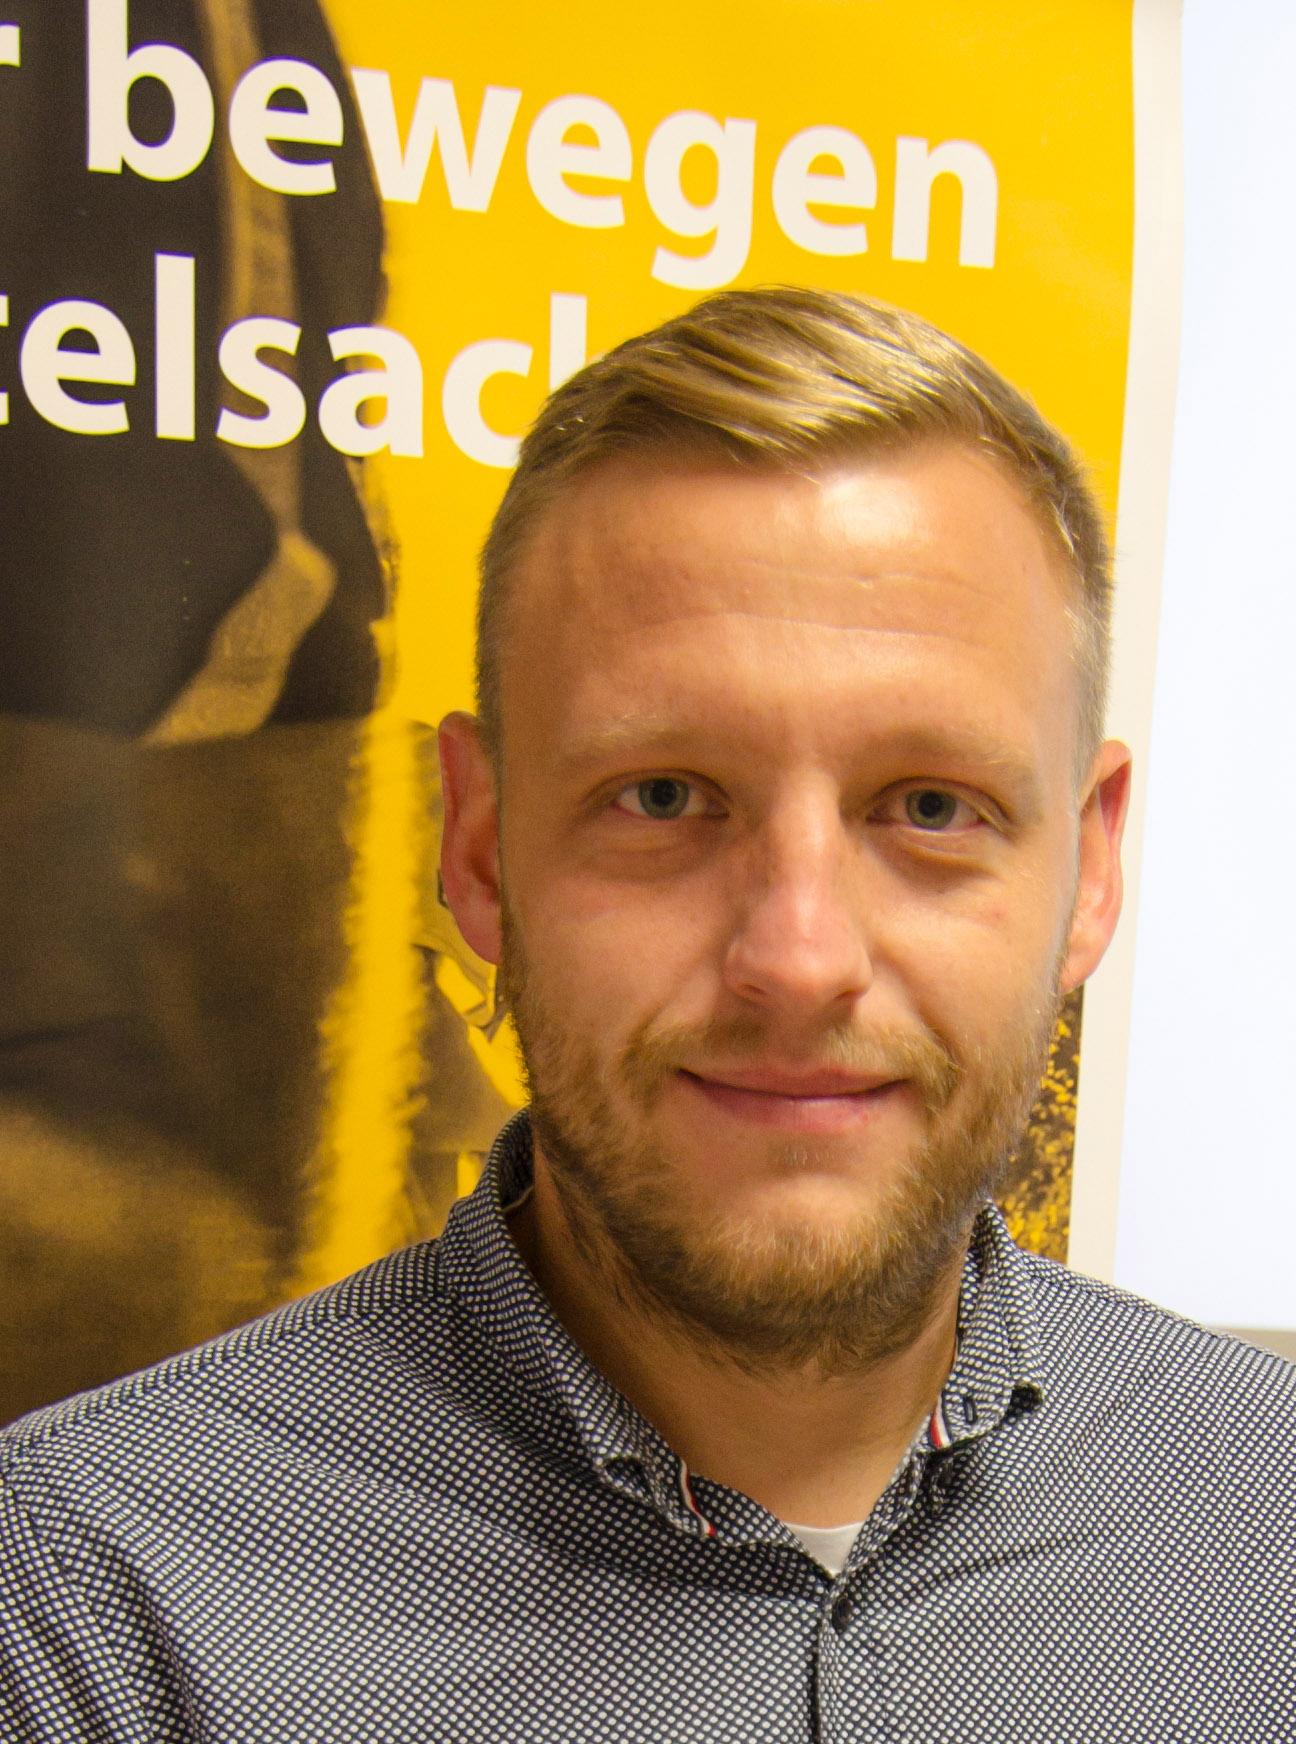 Benjamin Zschage